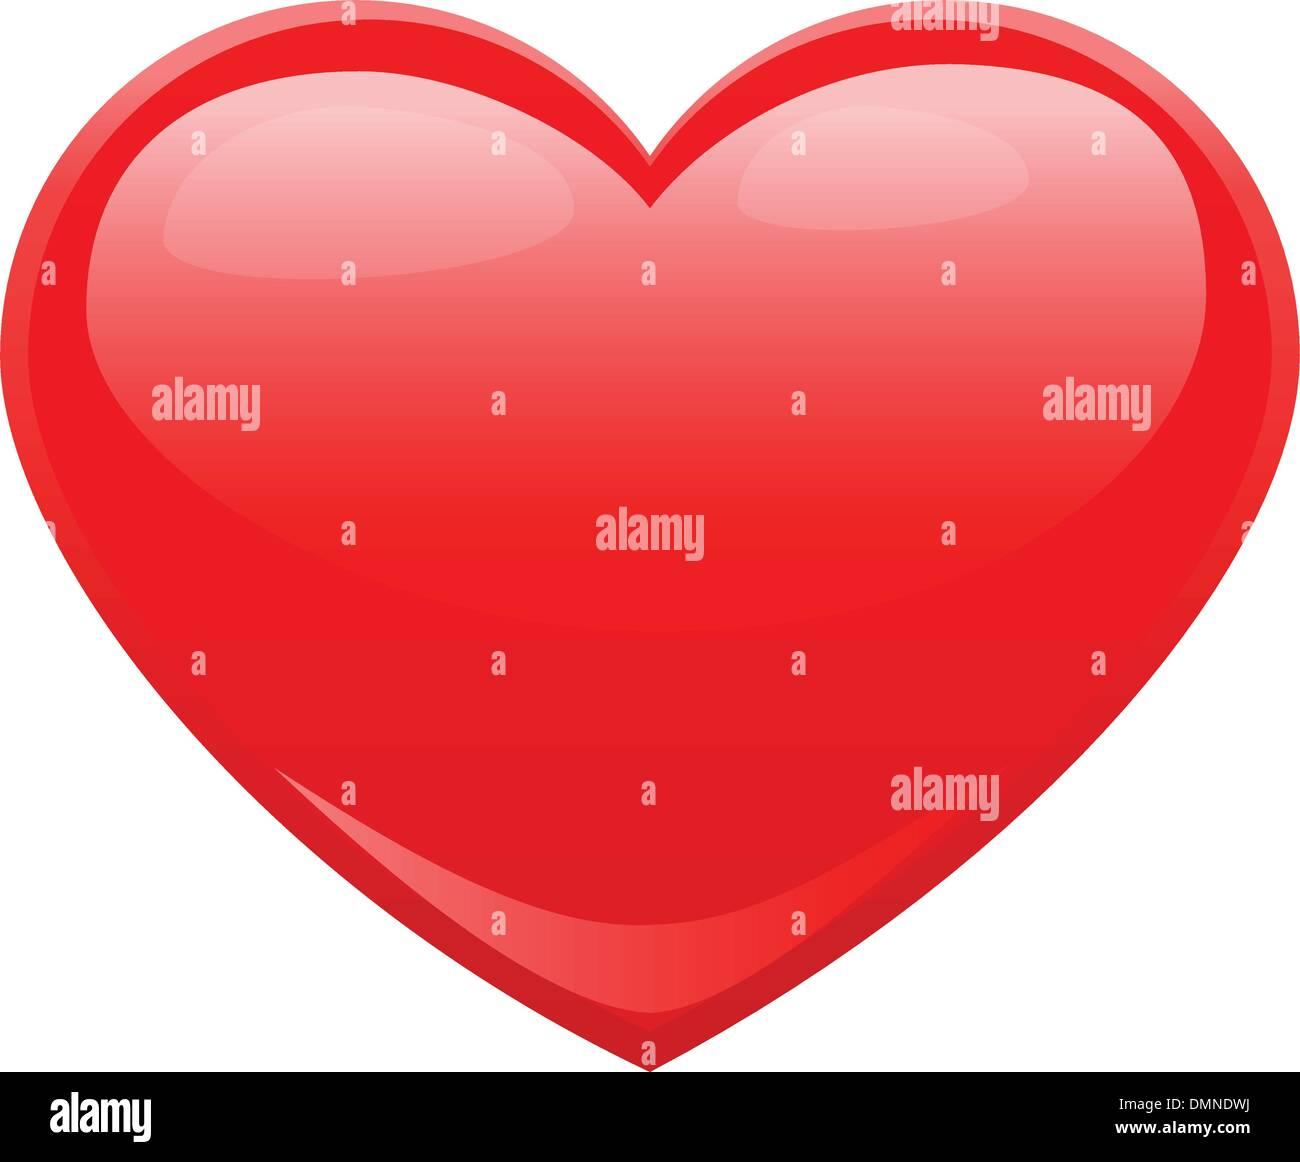 Forma di cuore per amore dei simboli Immagini Stock